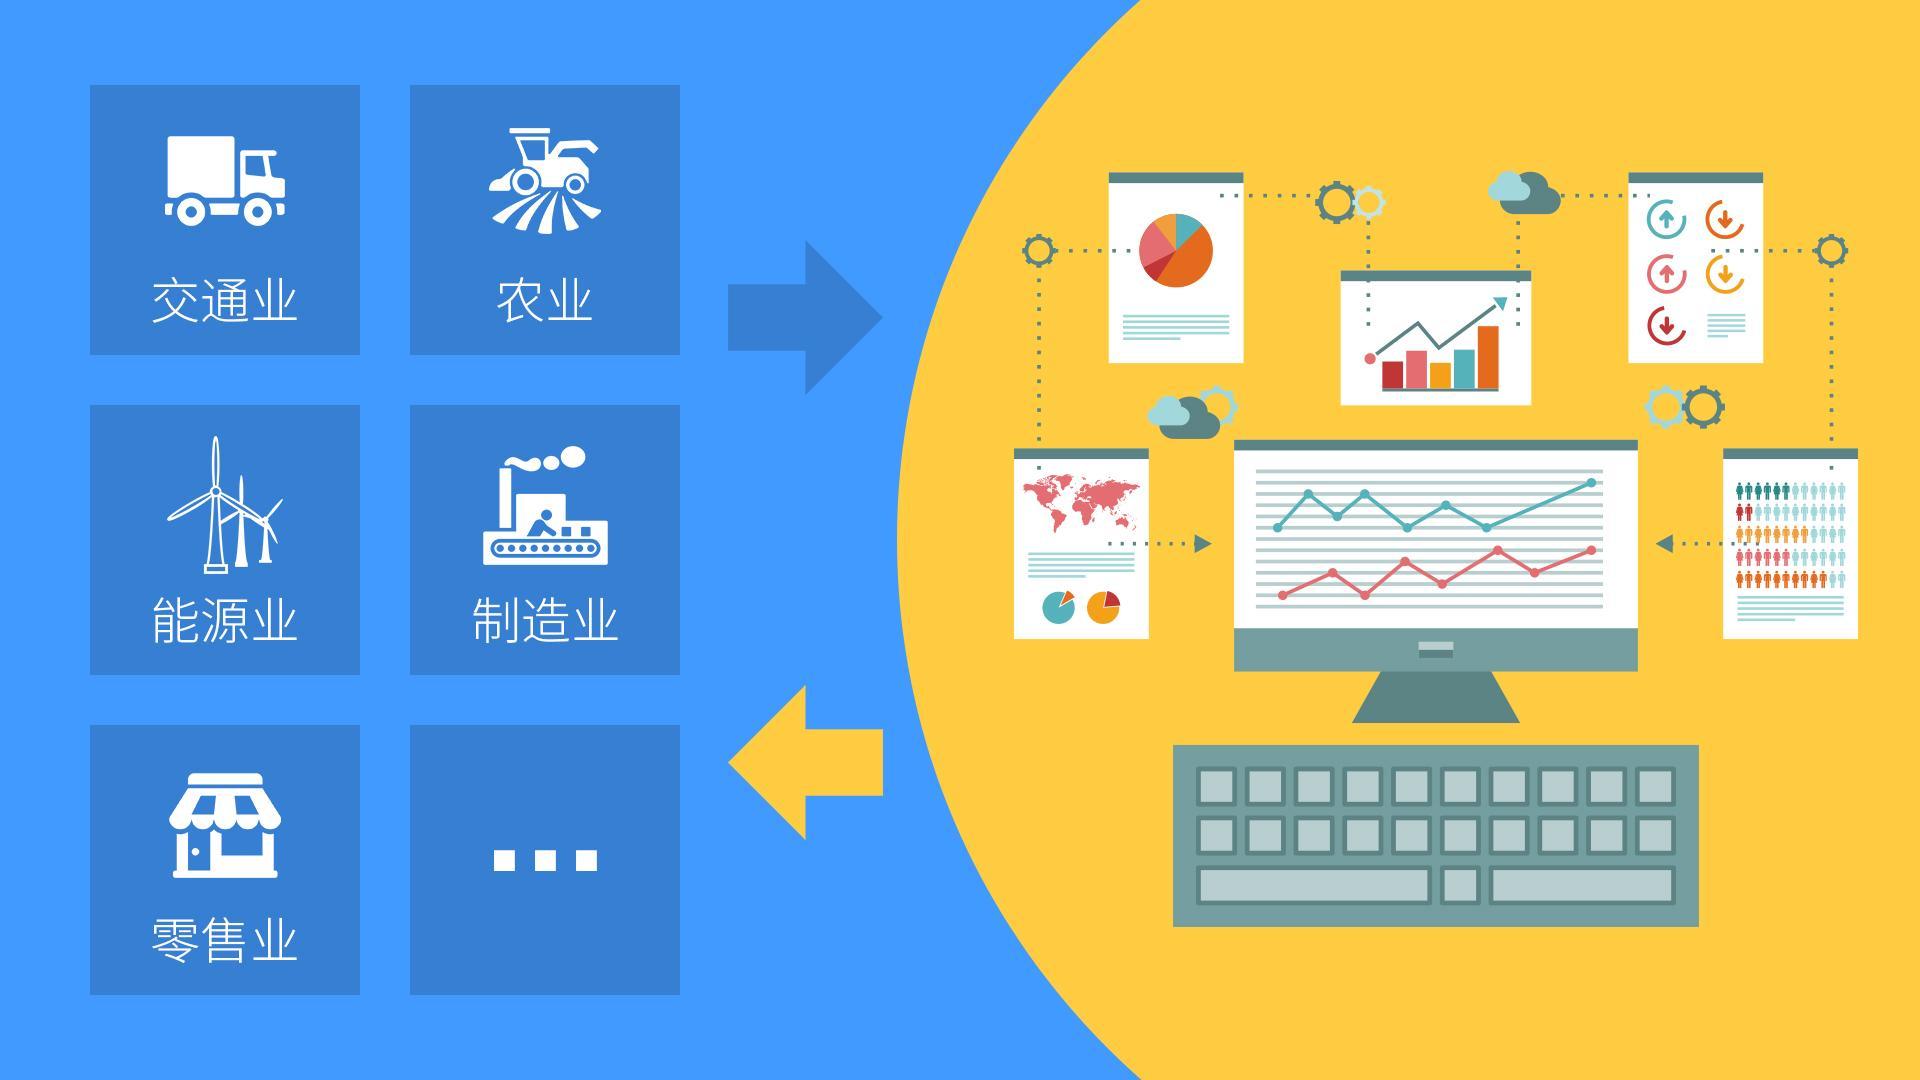 传统企业在大数据分析上所面临的关键问题